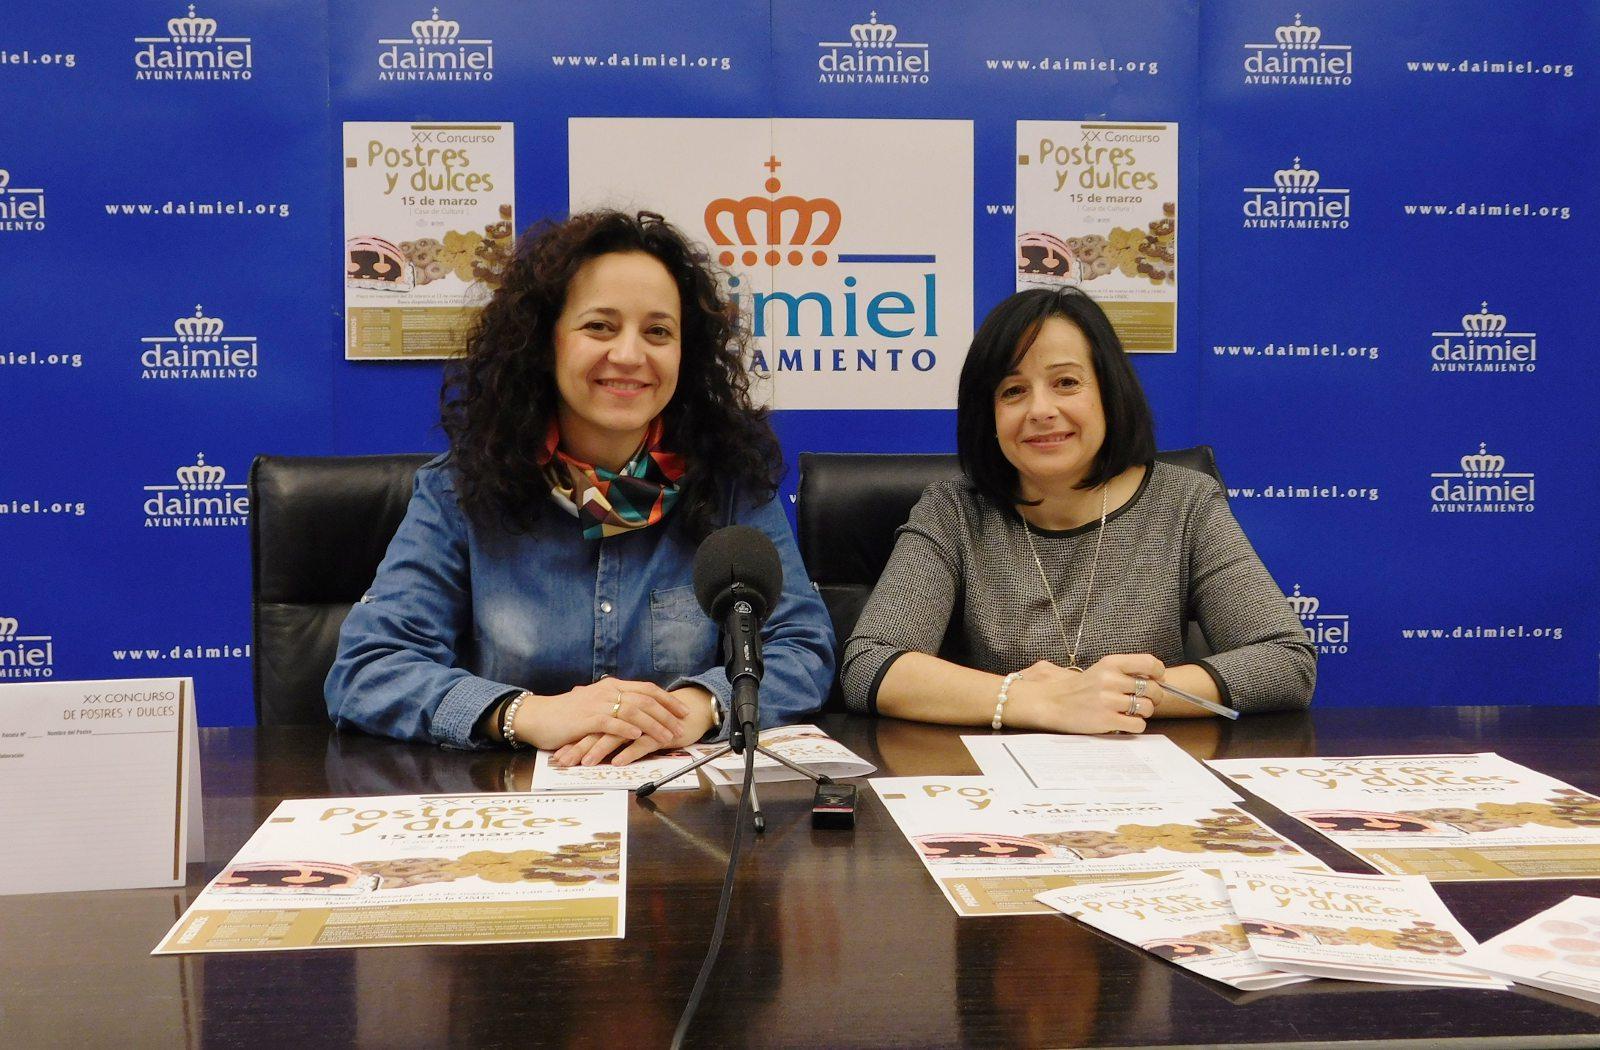 El Concurso de Postres de la OMIC de Daimiel cumple veinte años